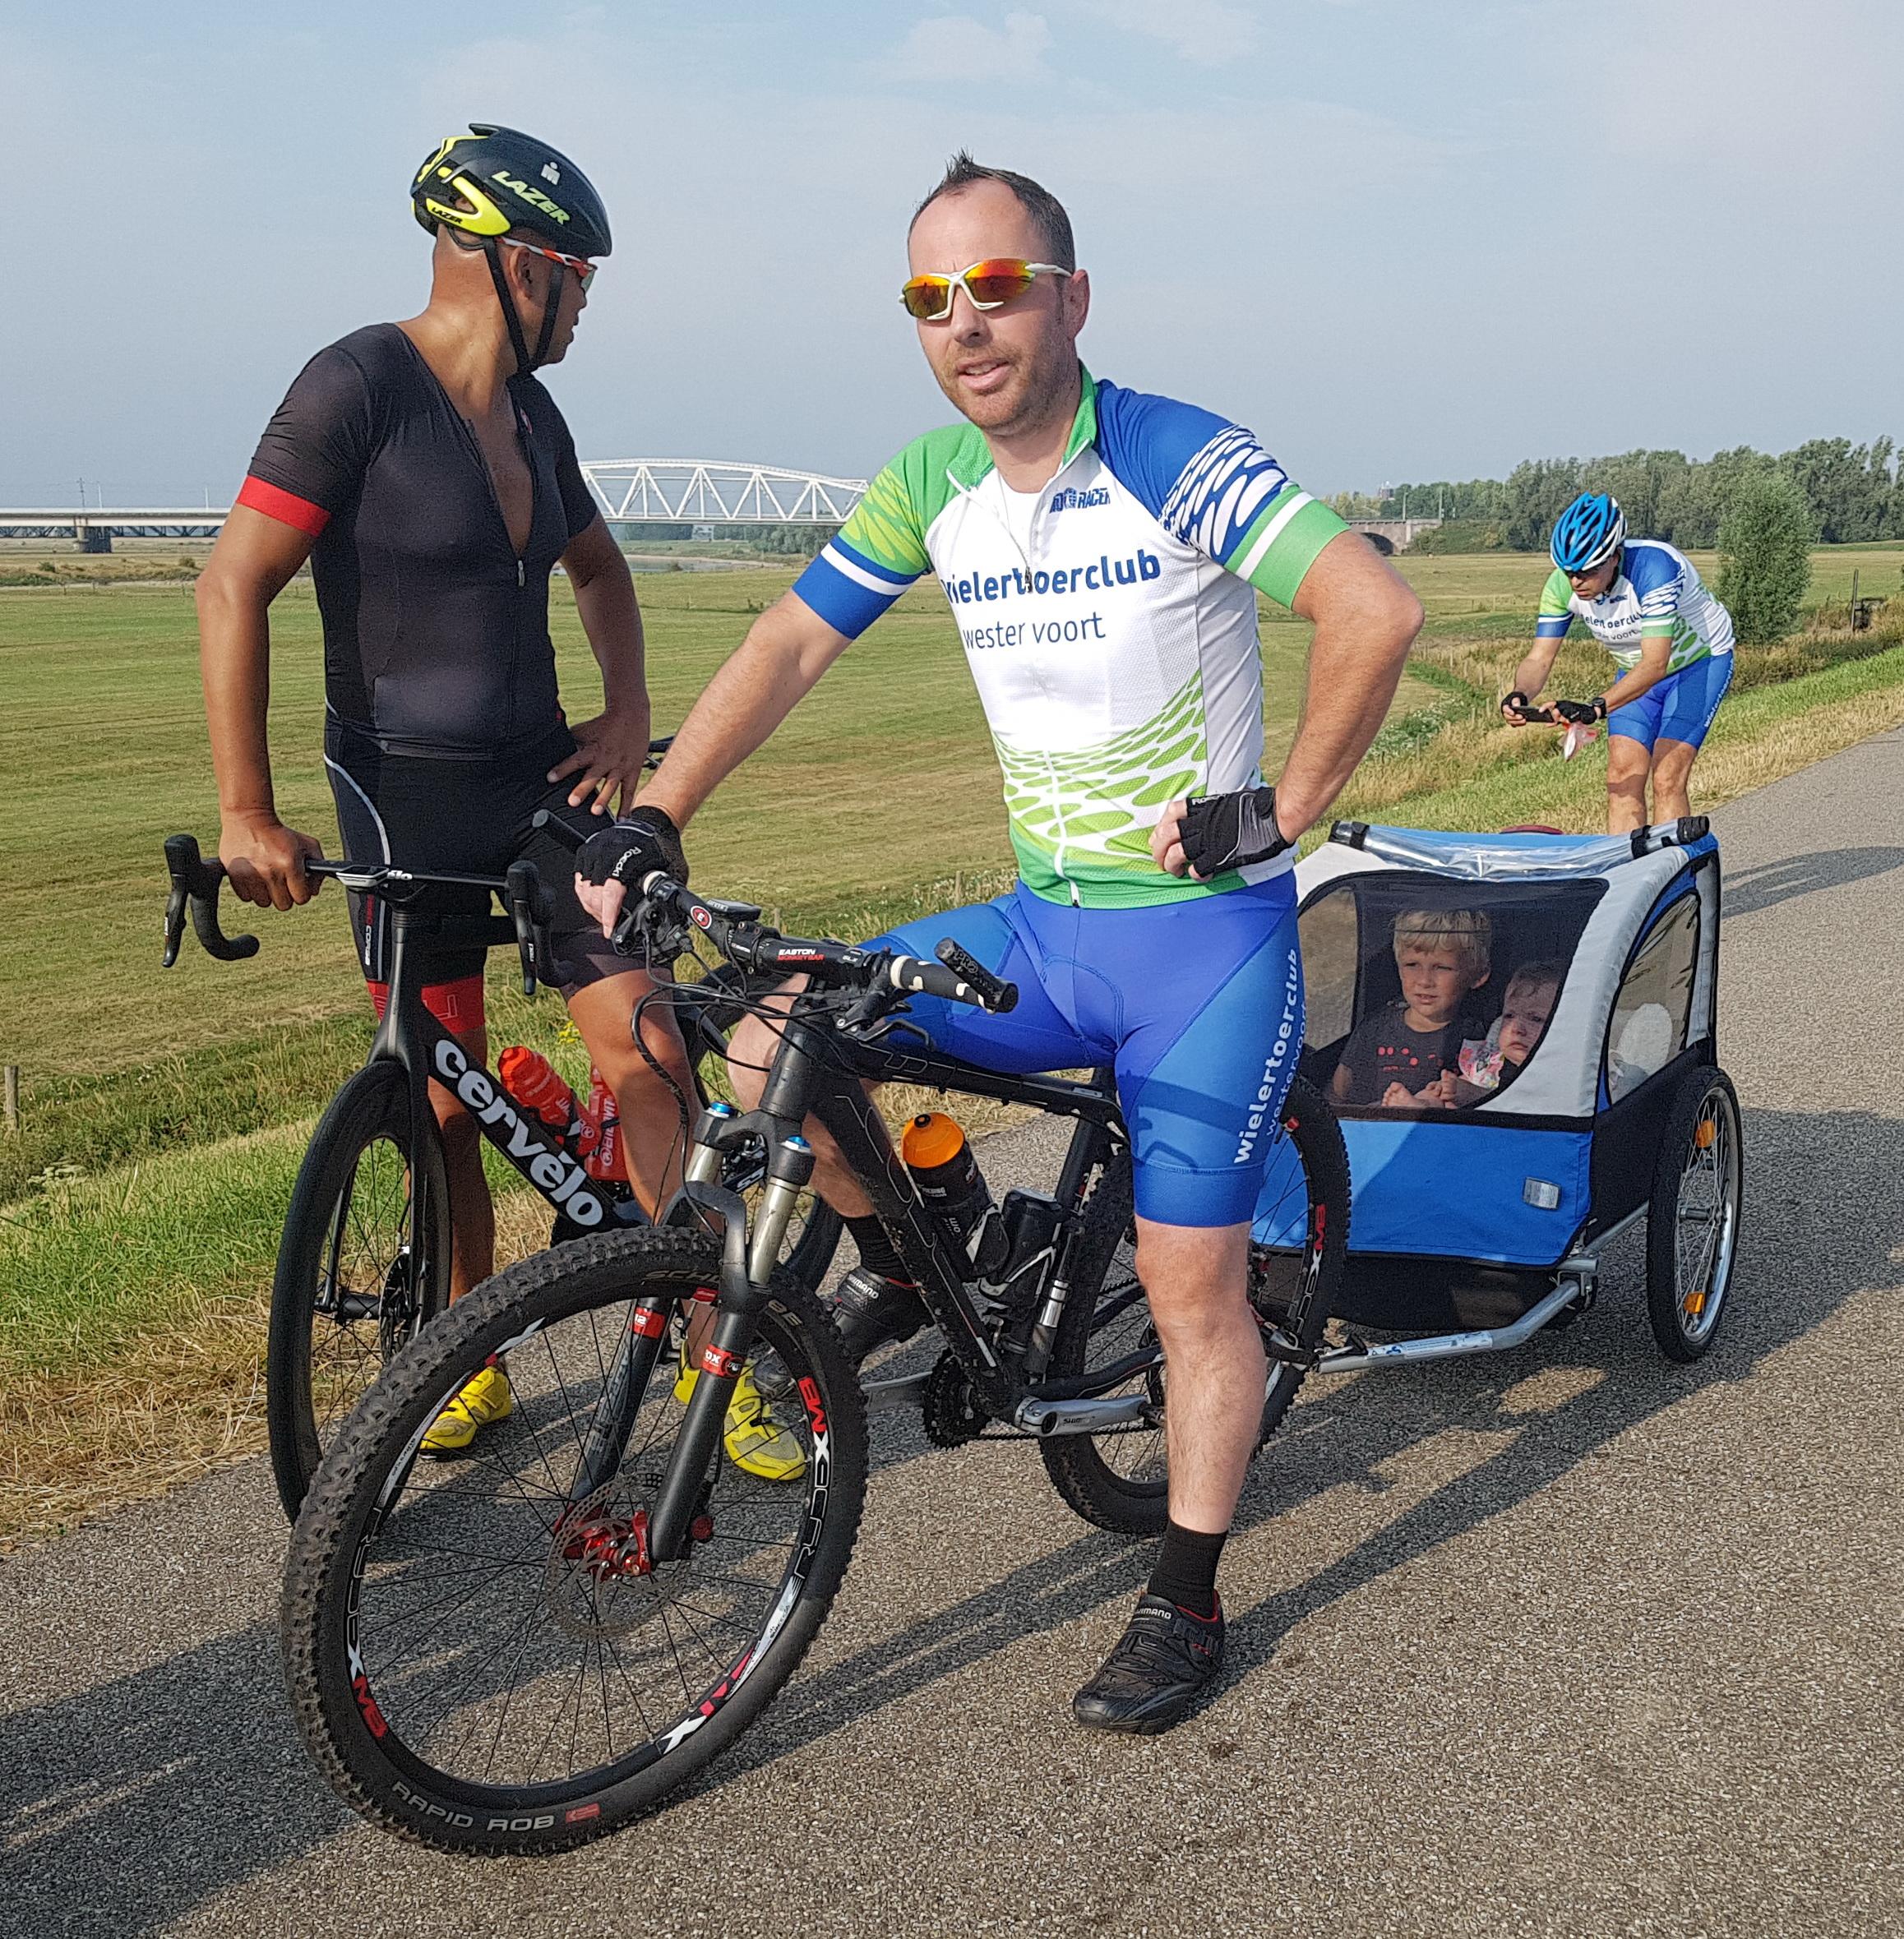 We komen onderweg Berruw tegen. Hij is met toekomstige leden aan het fietsen.